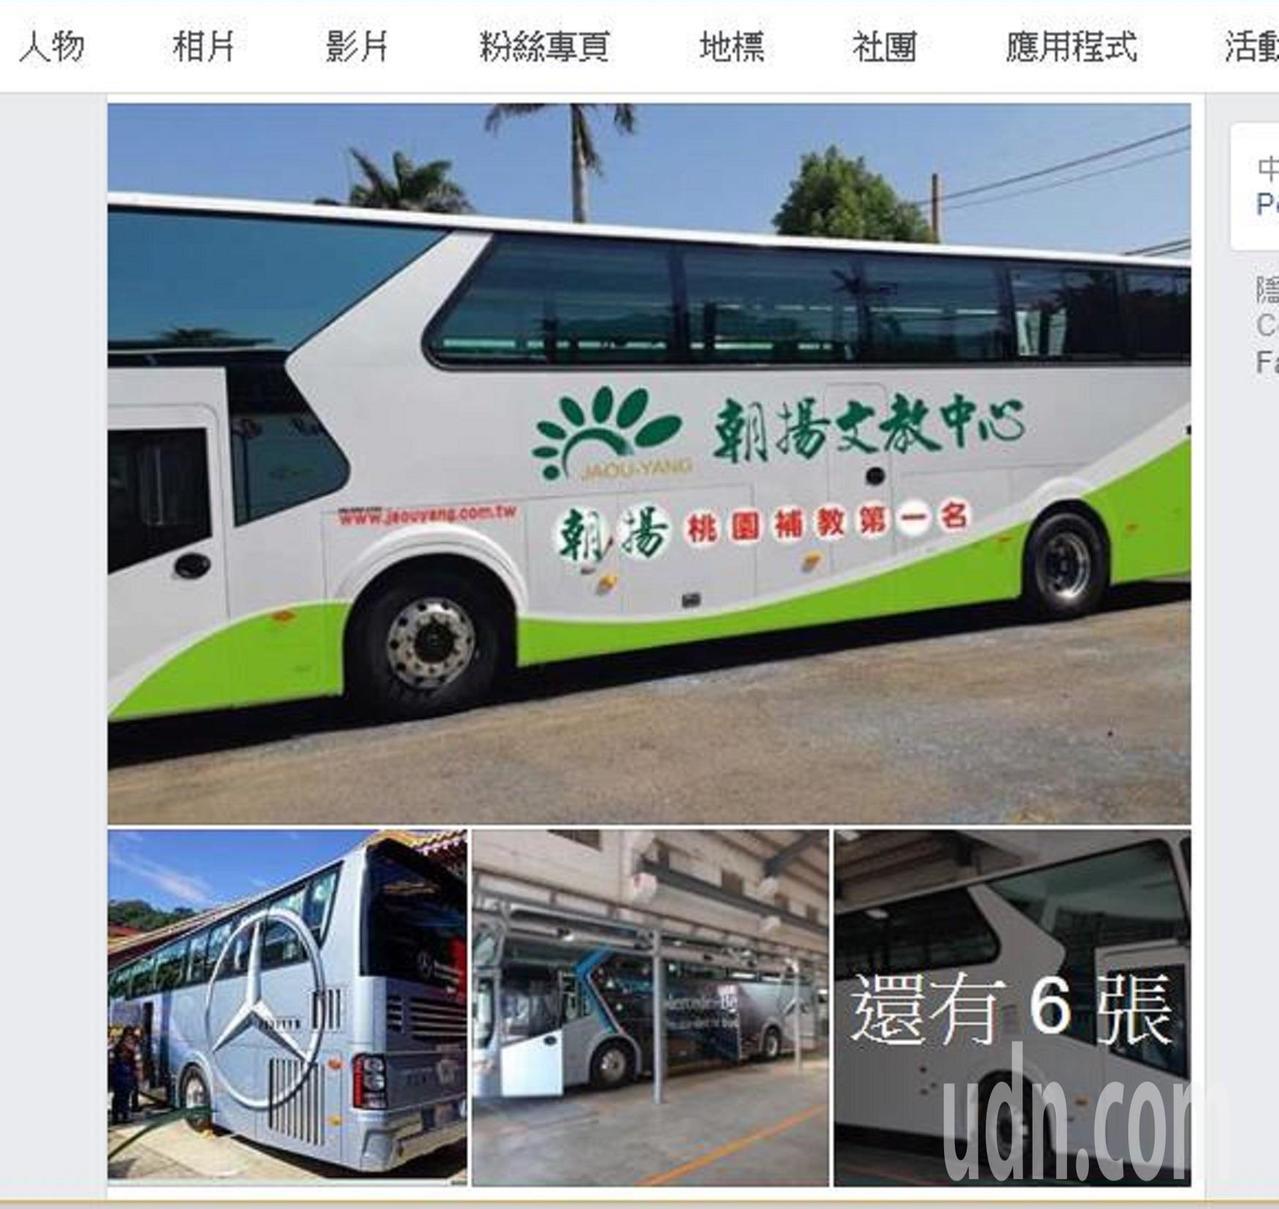 朝揚補教原有3輛大巴,今年訂購第4輛而是賓士級大巴。圖/取自朝陽富元教育公司